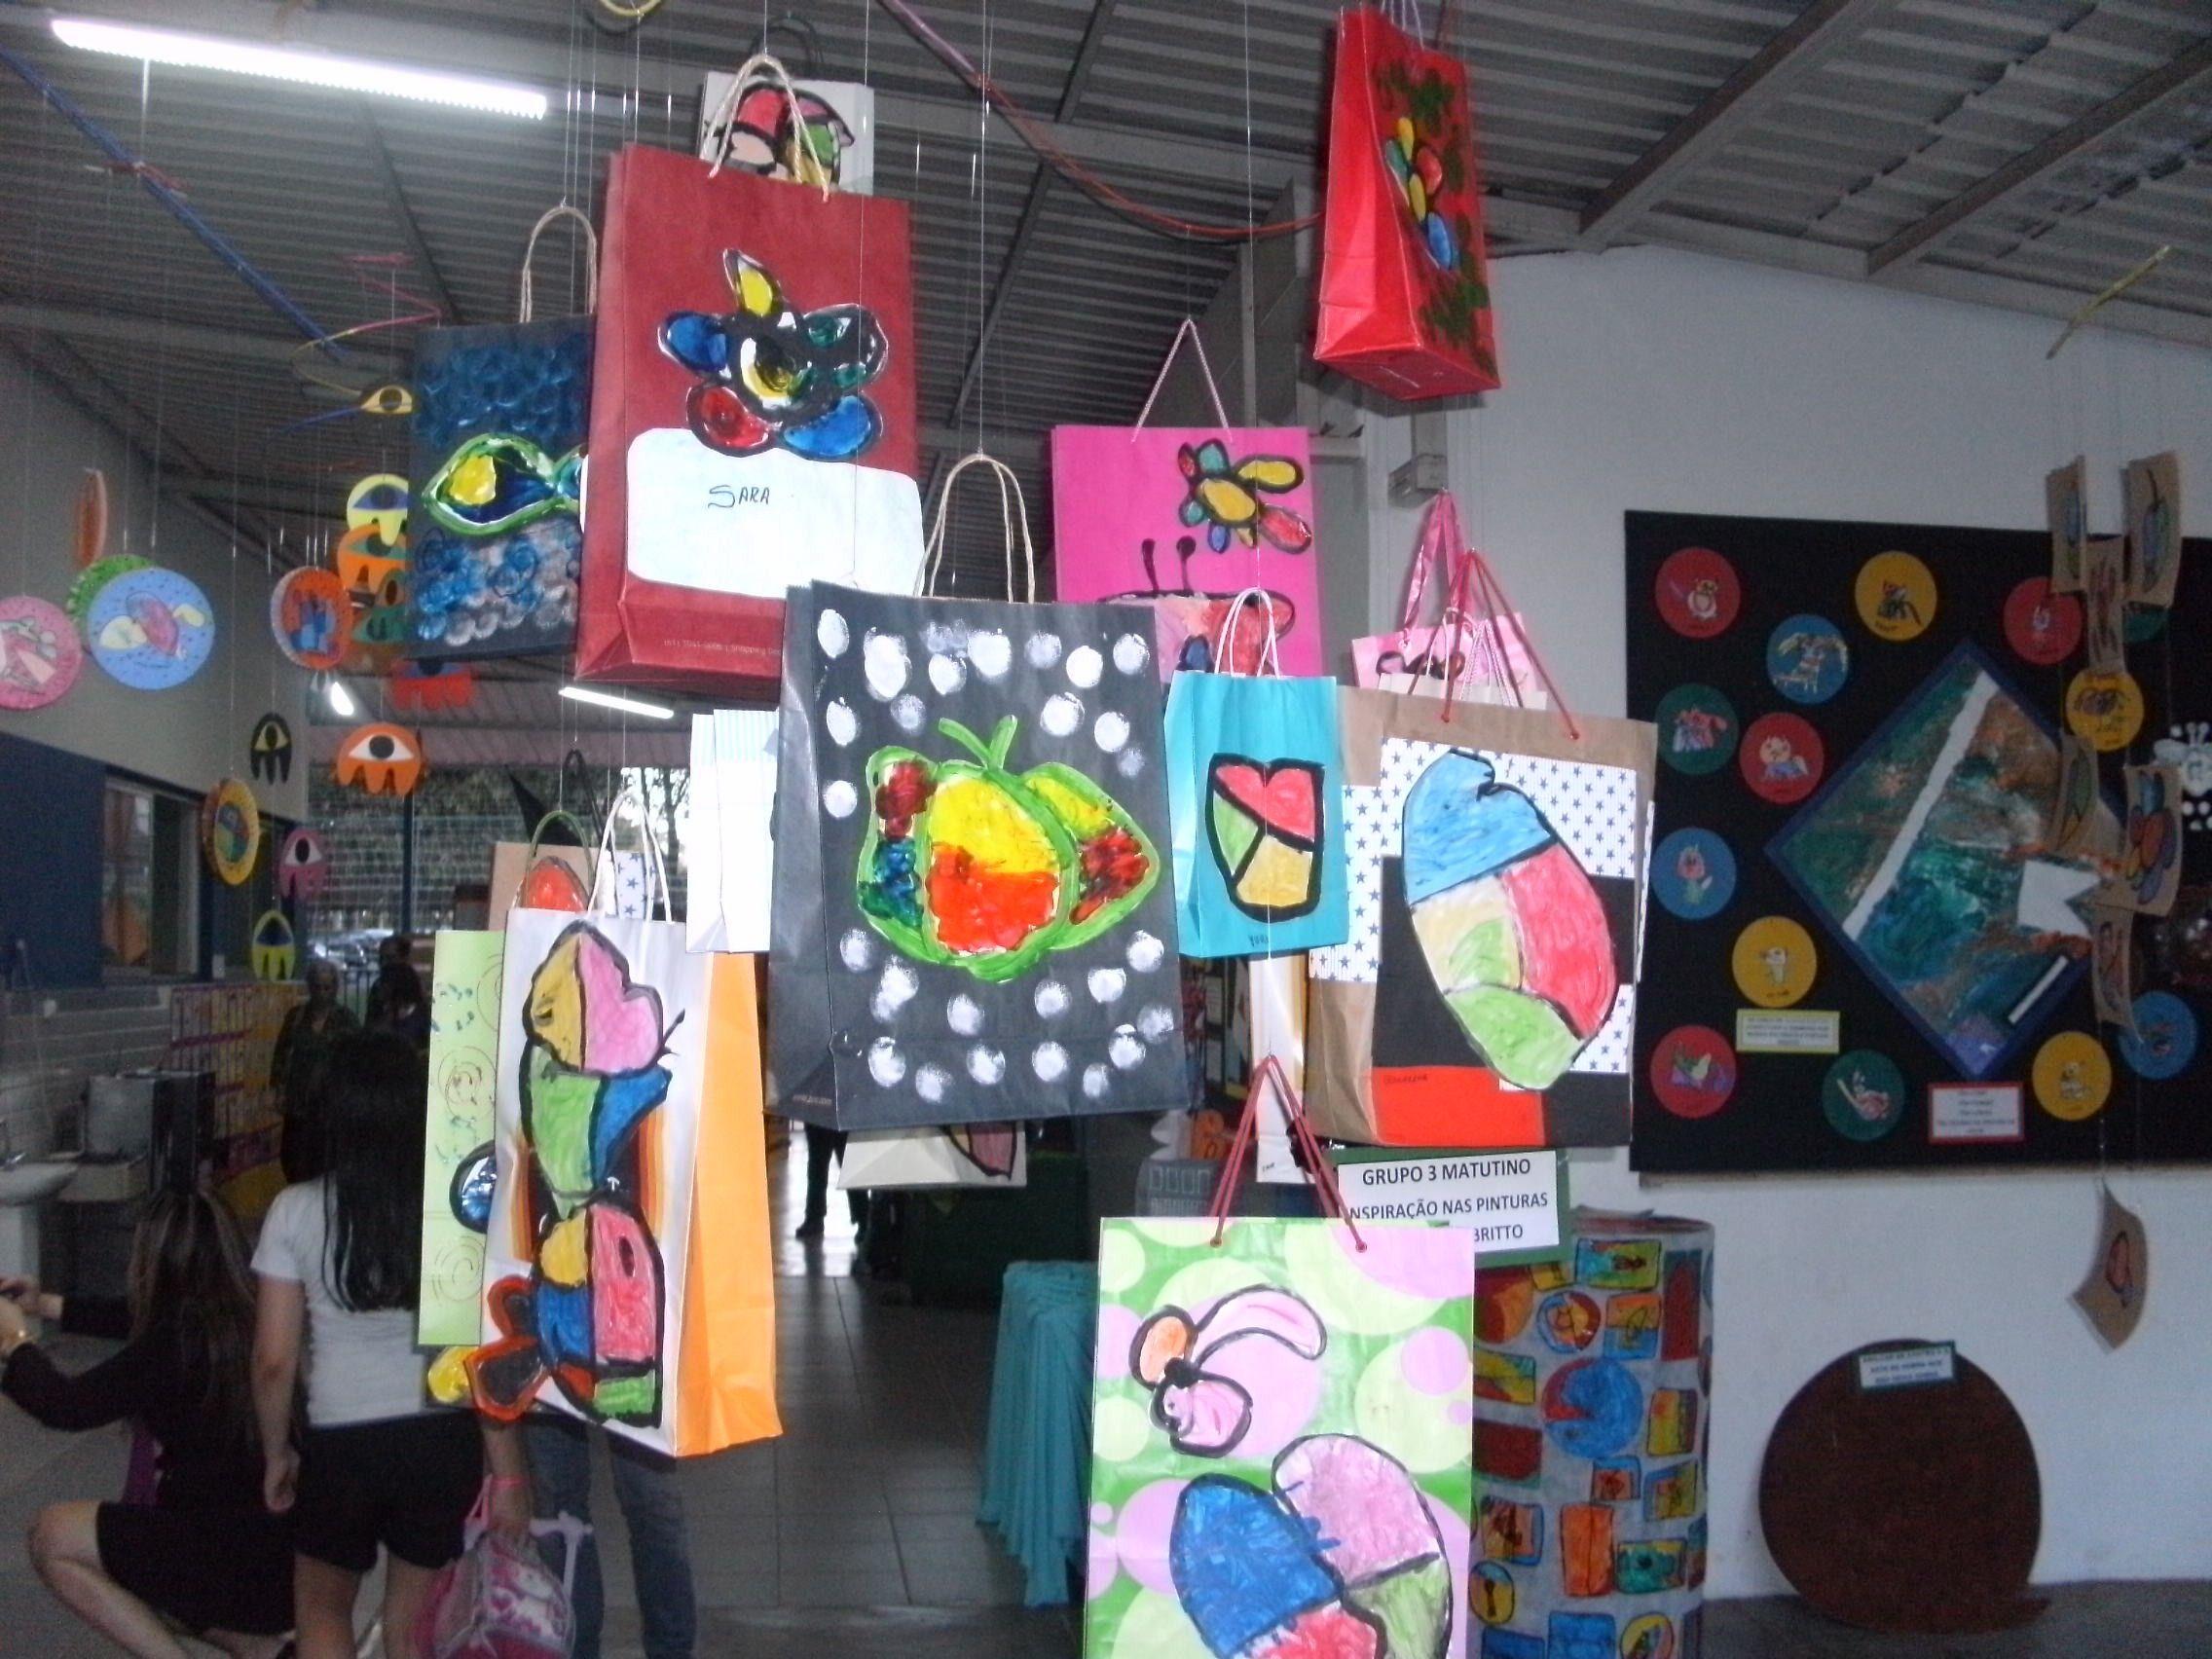 Well-known arte educação como trabalhar esculturas - Pesquisa Google   Romero  AB23